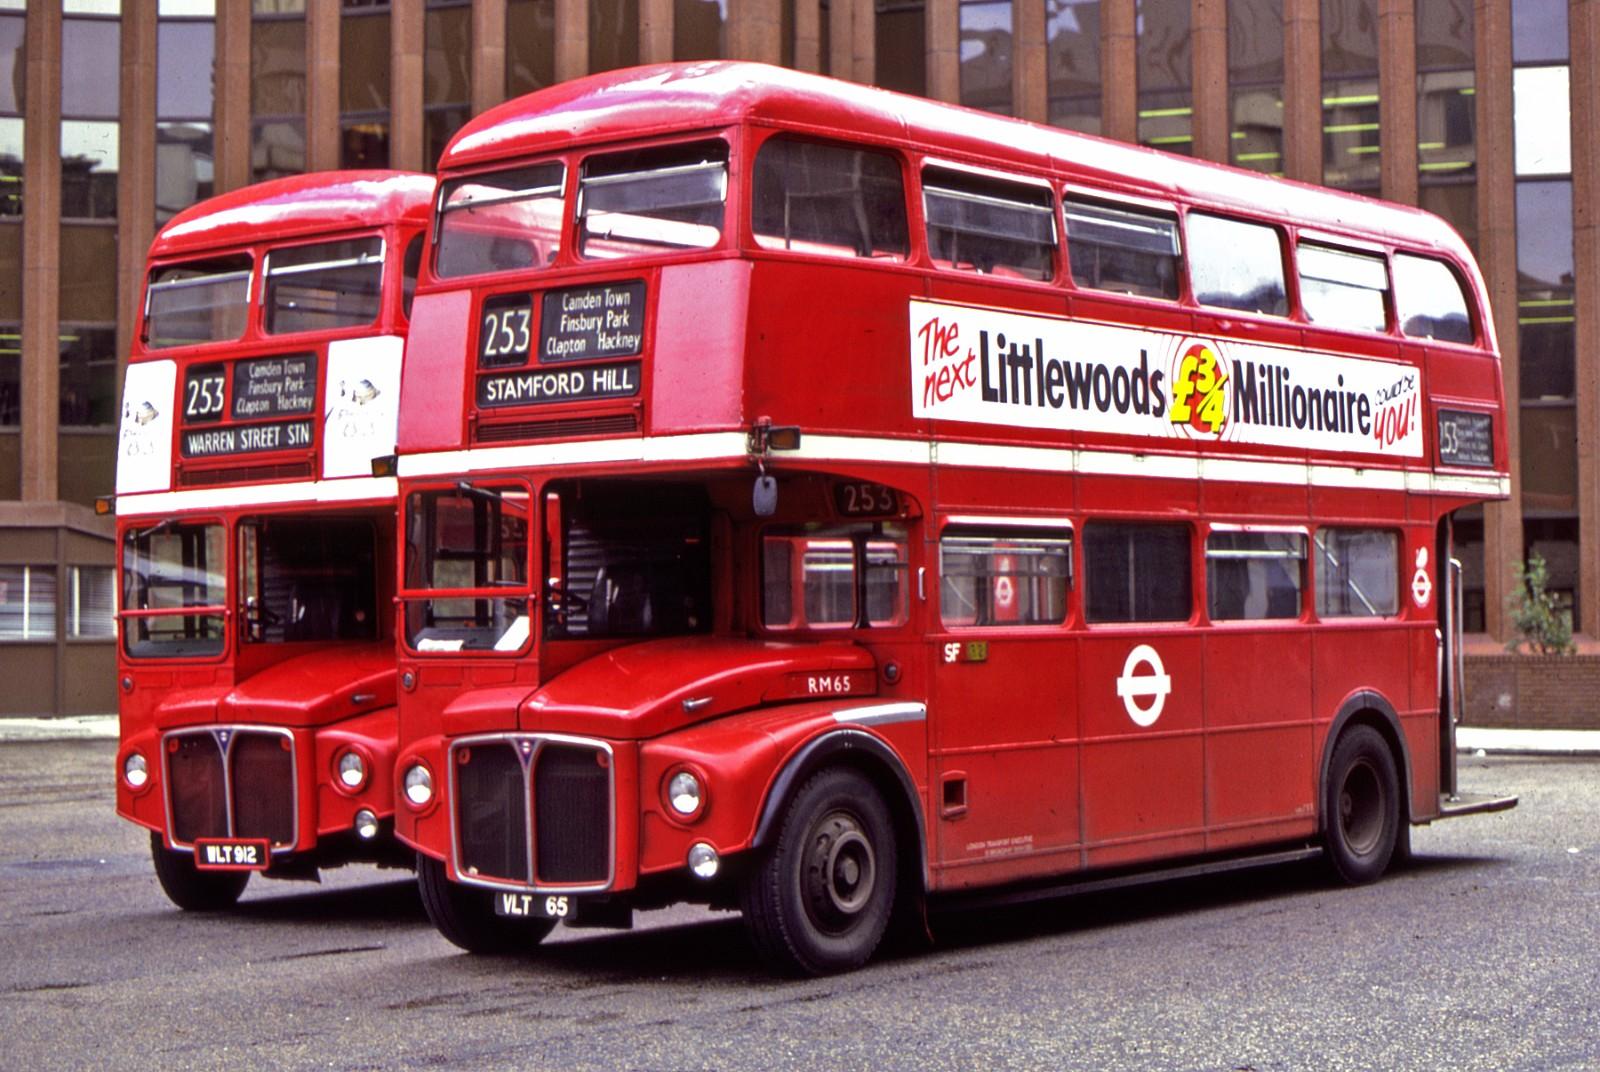 伦敦巴士要抛弃红色?哈哈哈让你们英媒标题党!